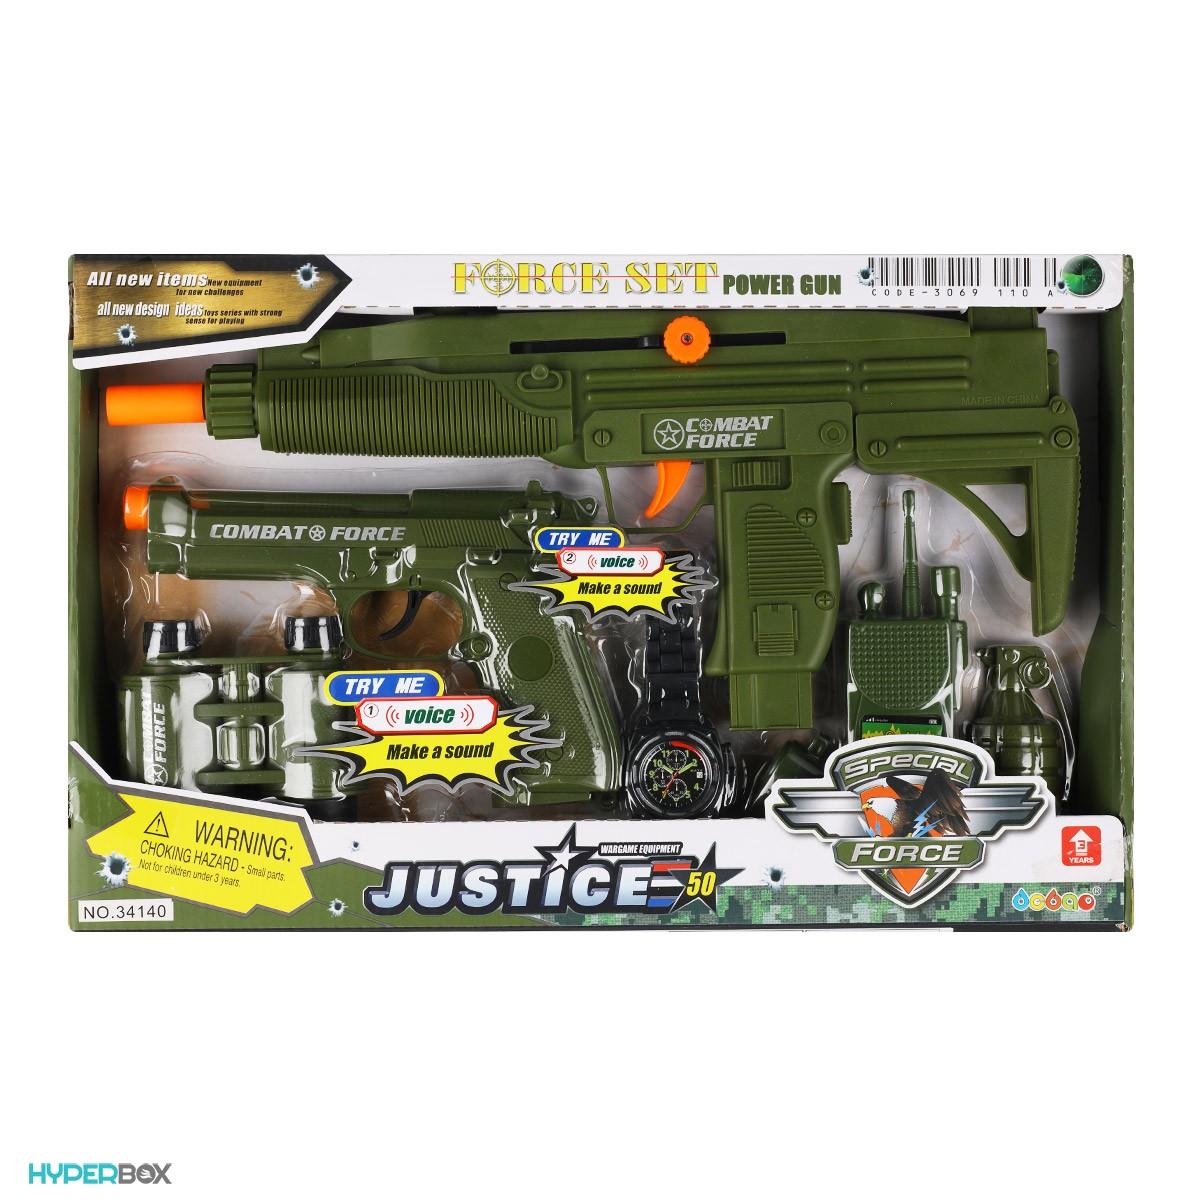 اسباب بازی ست لوازم ارتشی Power Gun Force Combat